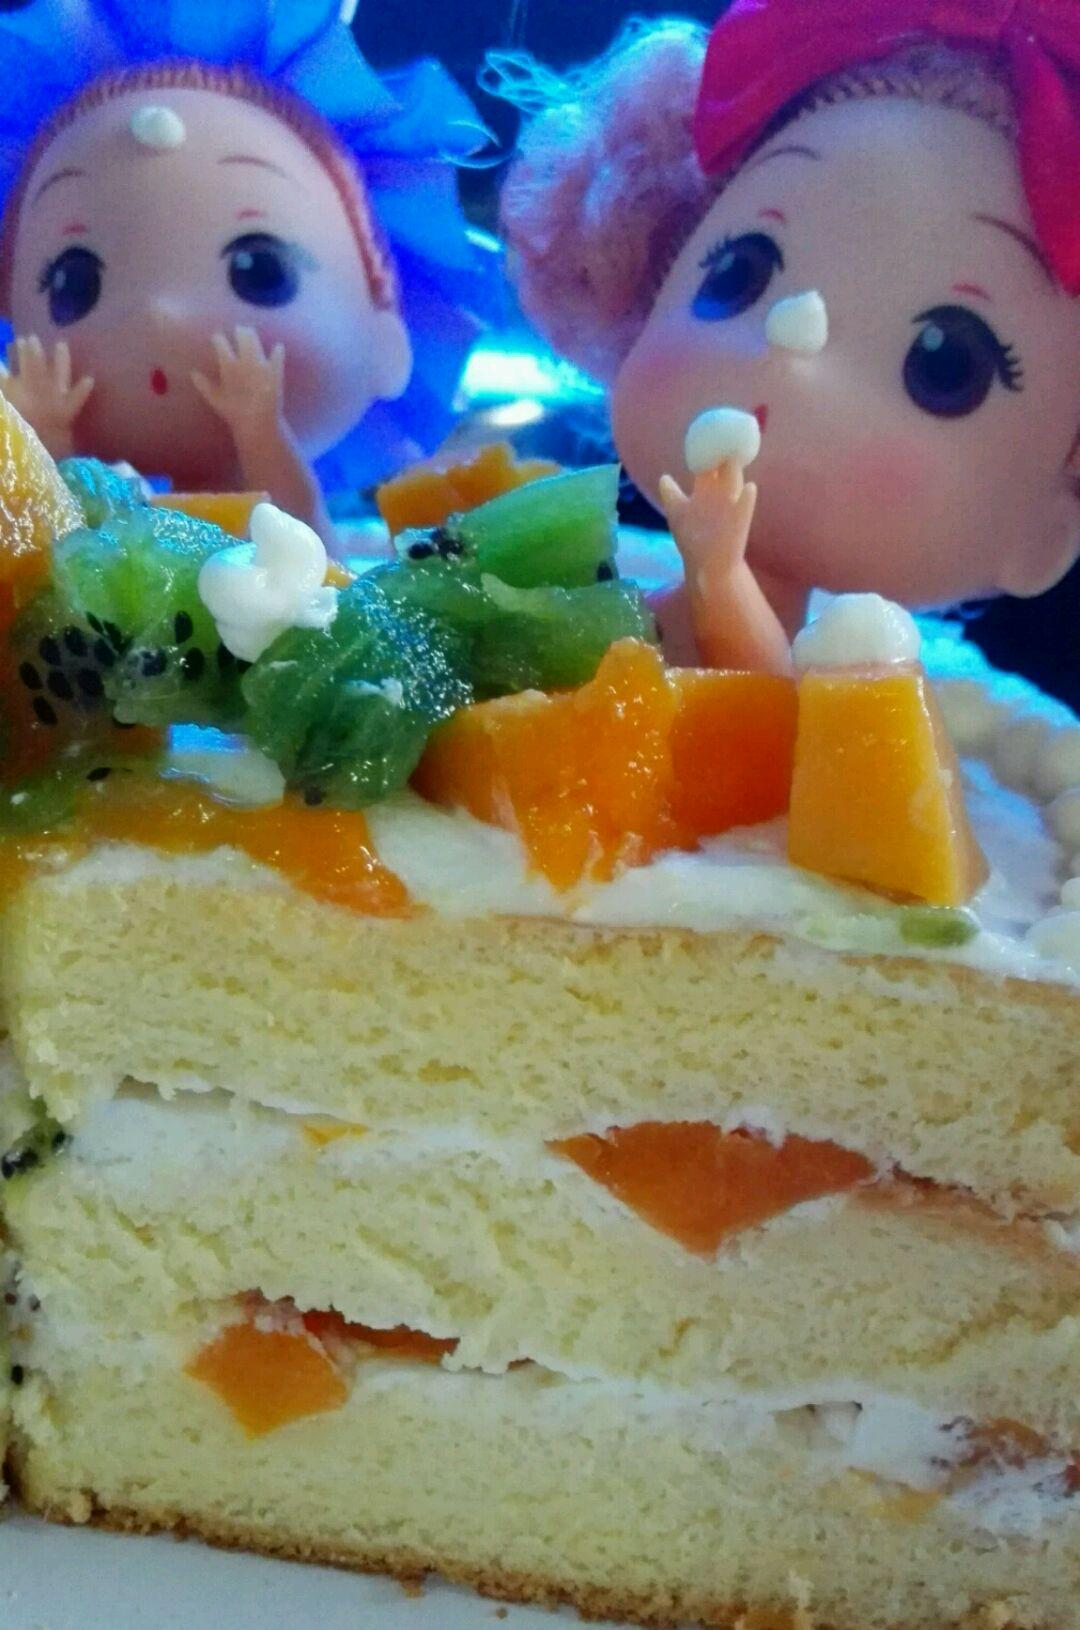 不会裱花没事 迷糊娃娃水果生日蛋糕